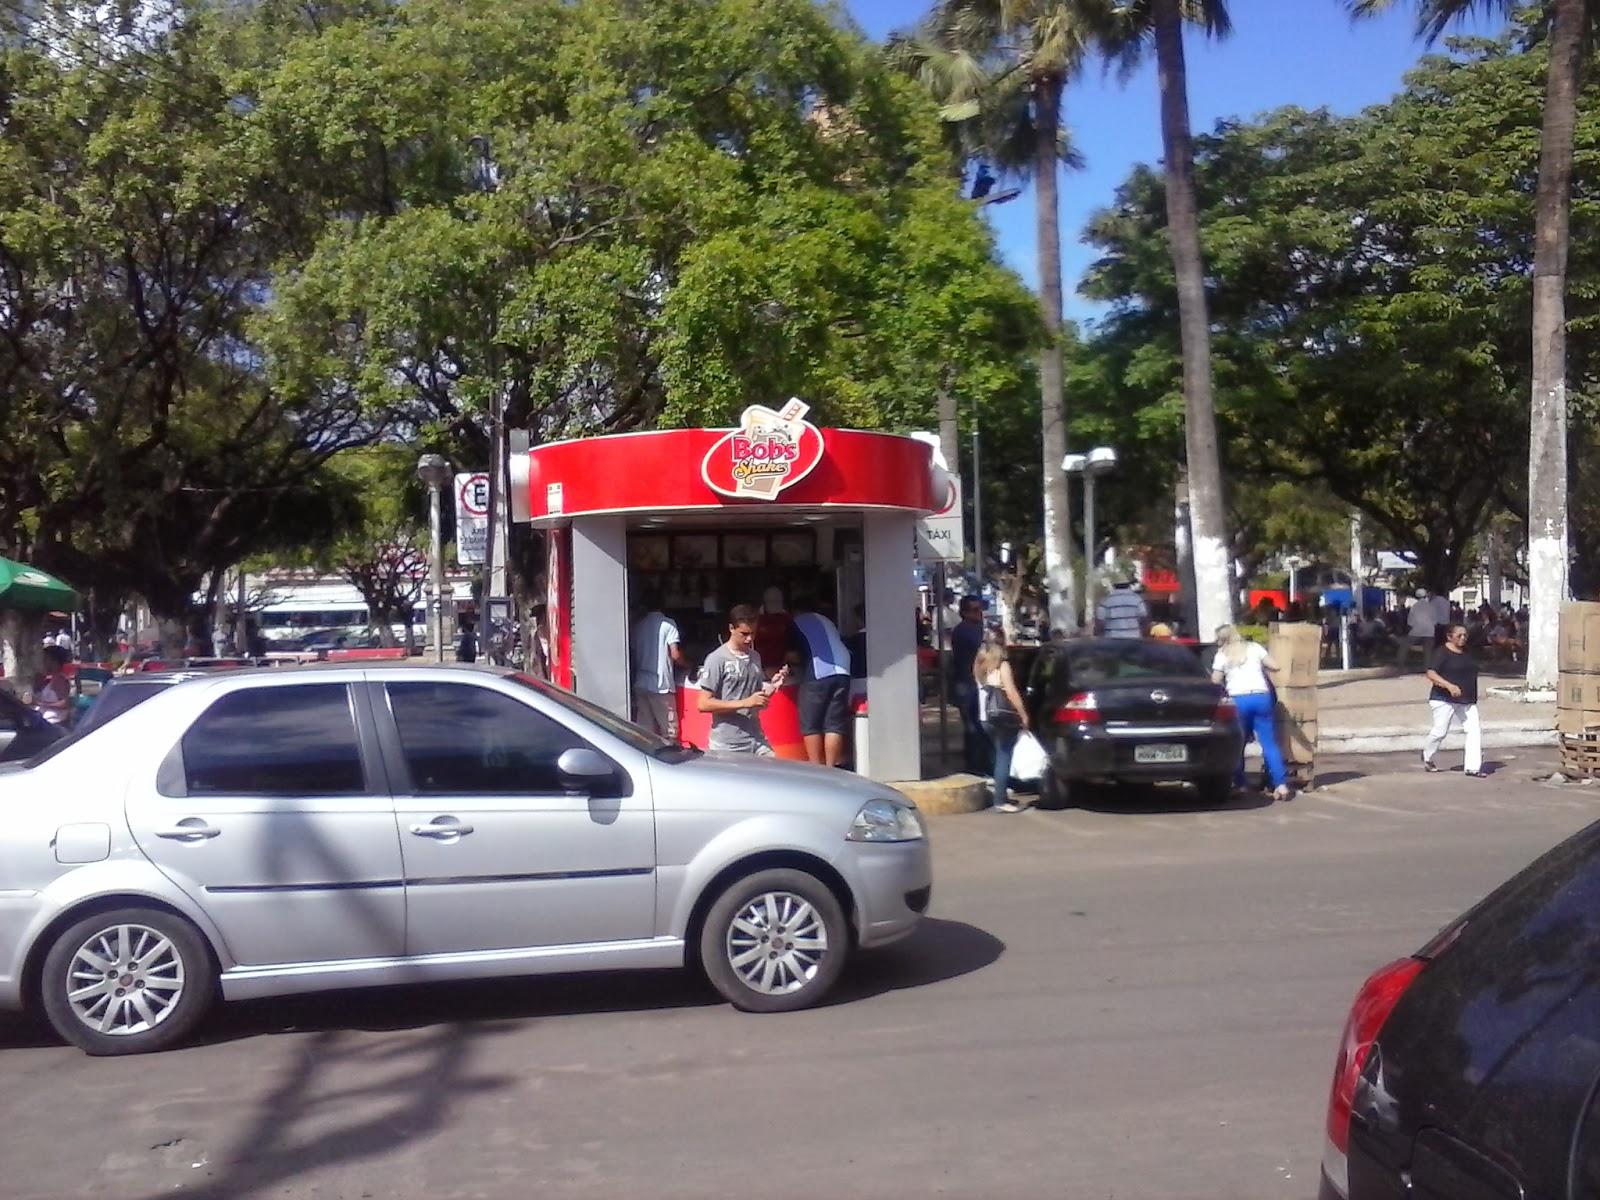 Quiosque de sorvete do Bob's na Praça Pe. Cícero.